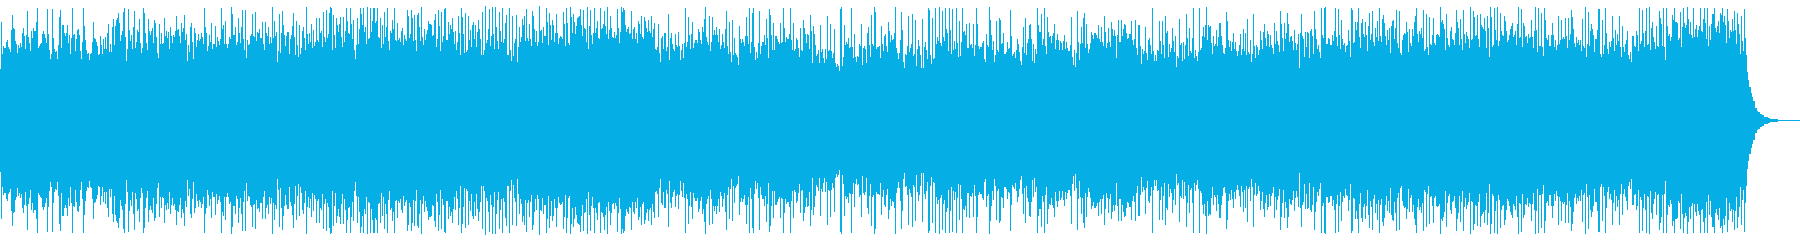 勇壮、3連系のリズムのメタルBGMの再生済みの波形